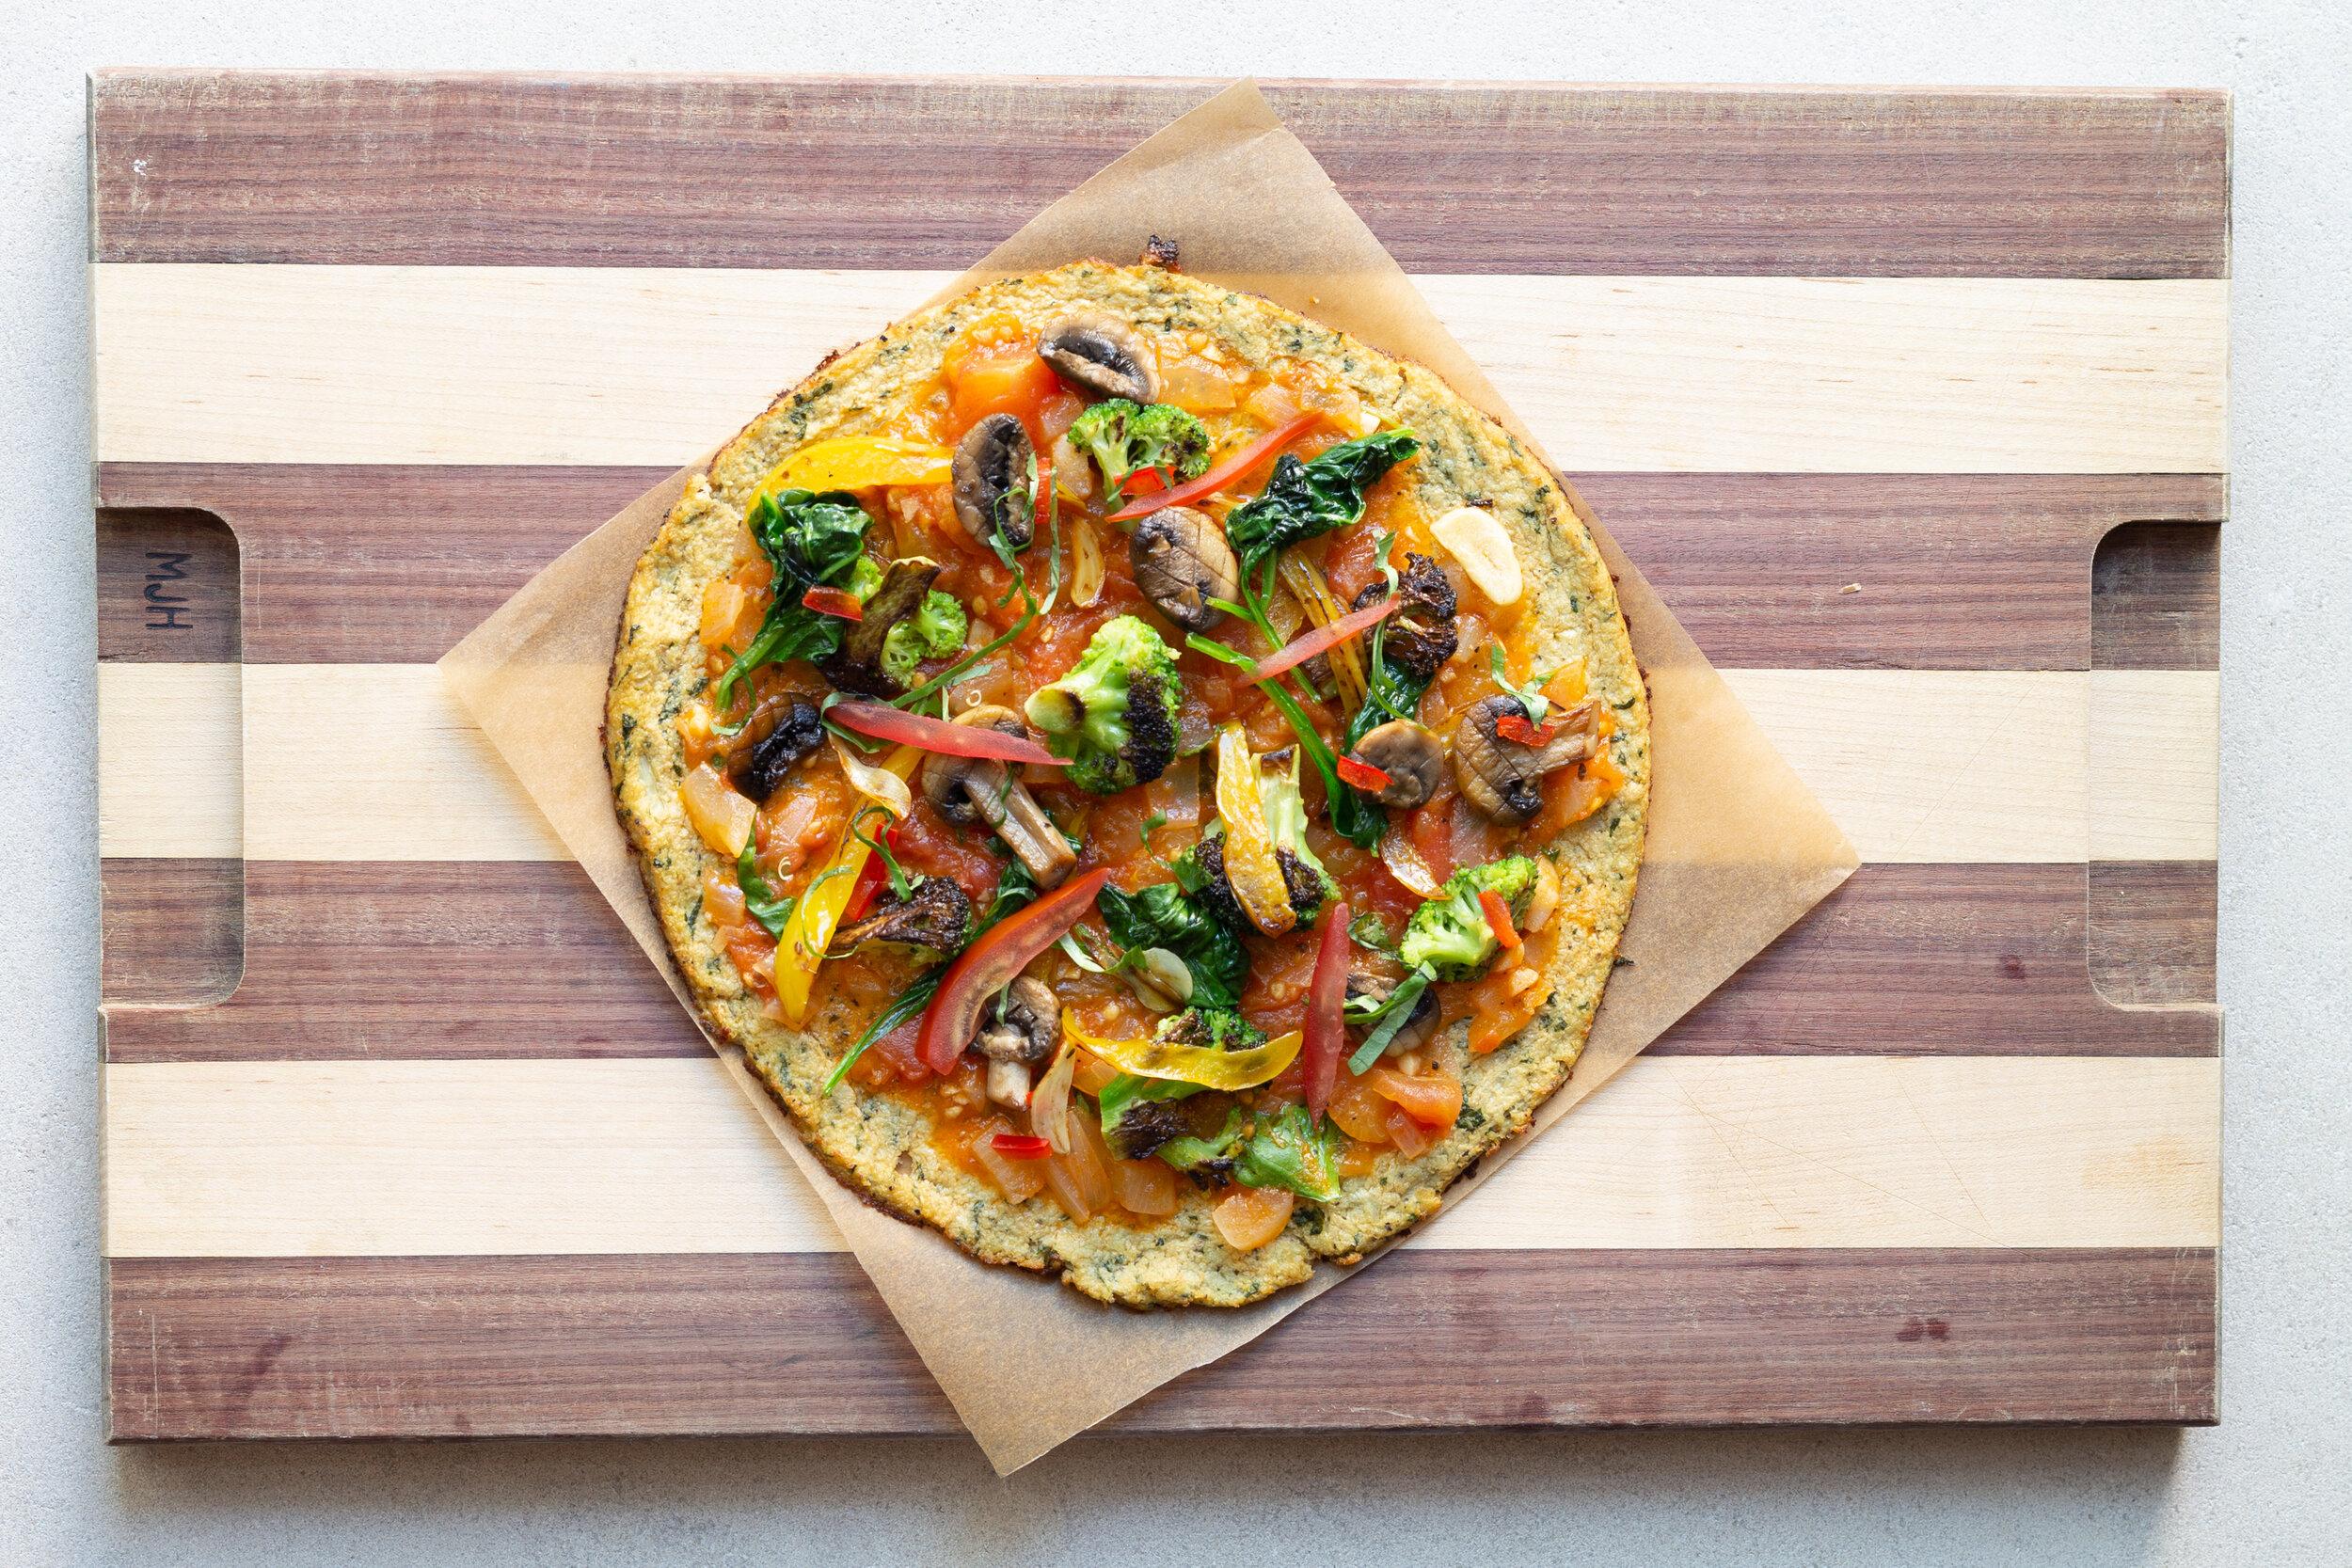 Karina Heinrich_Veggie Pizza with Cauliflower Crust 2019.jpg